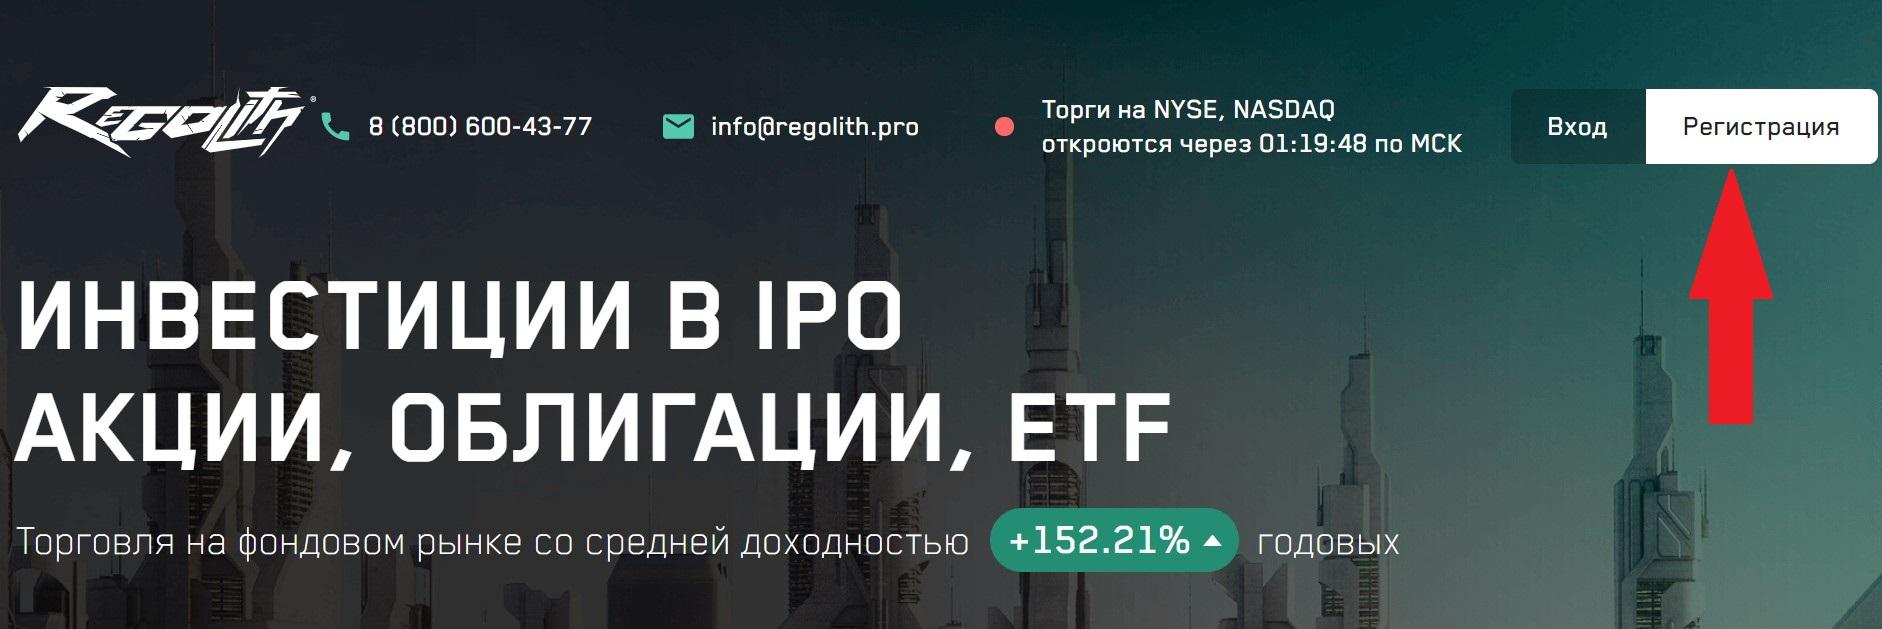 инвестиции в ipo как участвовать